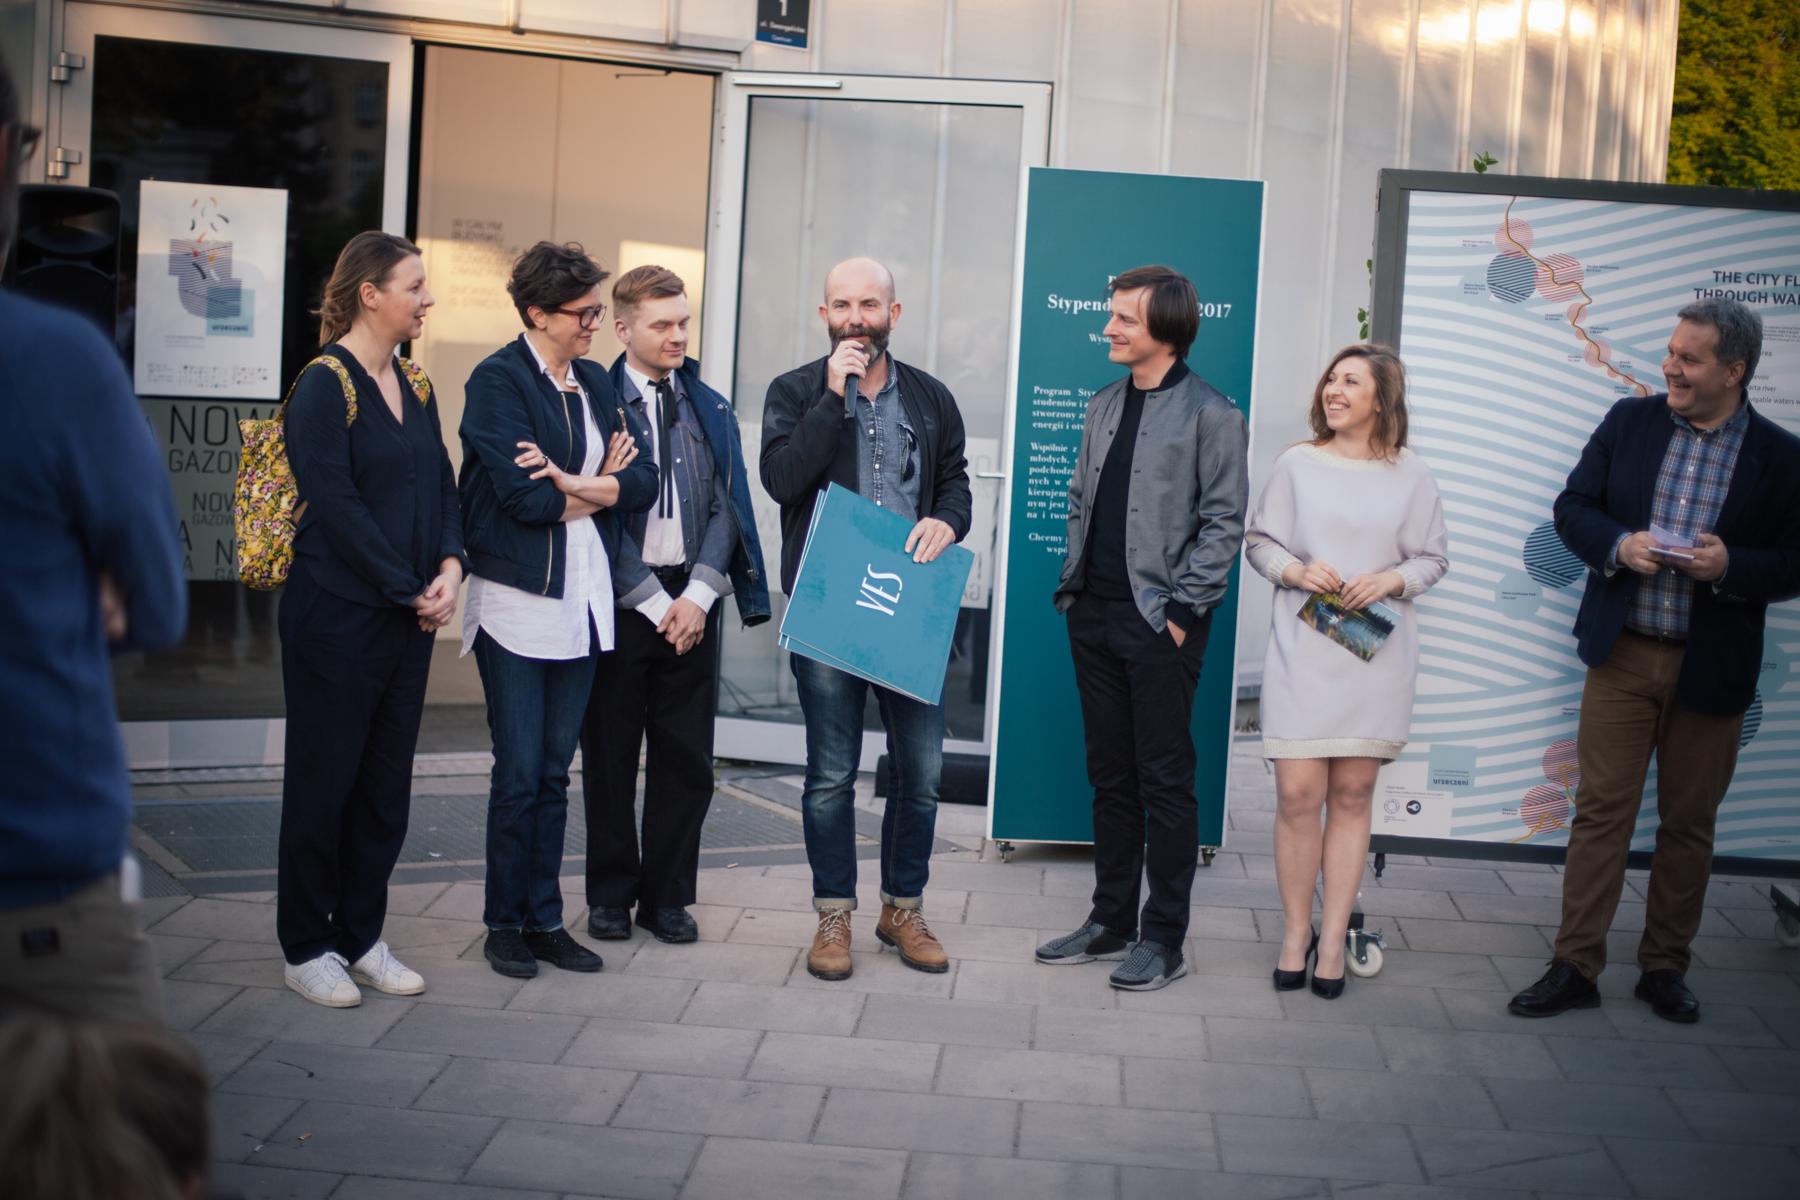 Prace oceniało jury w składzie (od lewej): Magda Dąbrowska, Kasia Bukowska, Krzysztof Stróżyna, Wojciech Trzcionka (przewodniczący) i Oskar Zięta. Obok Zięty Andżelika Jabłońska, organizatorka Poznań Design Festiwal.